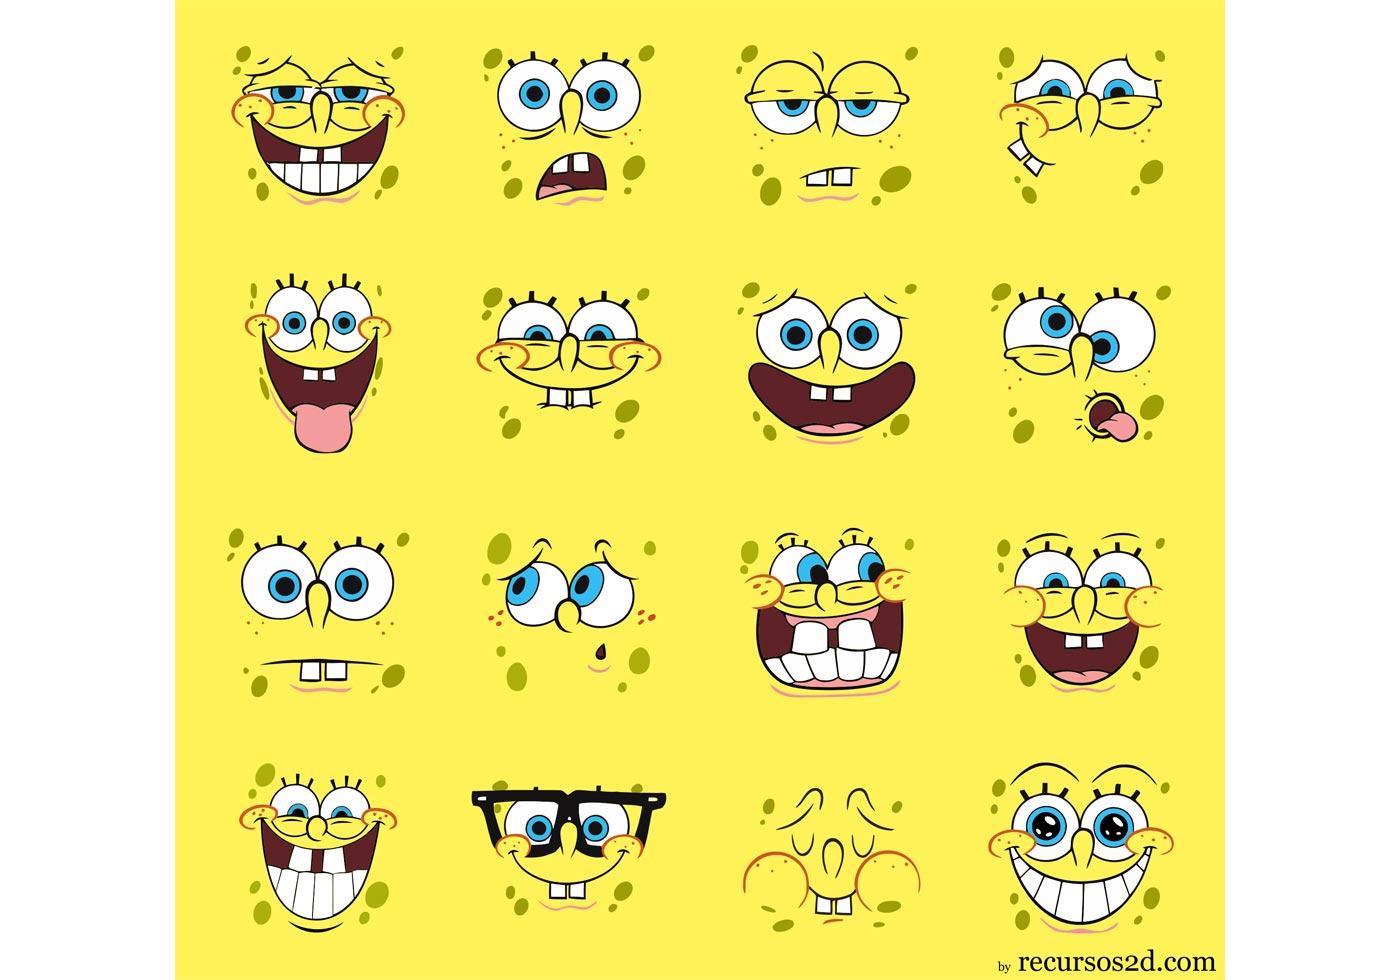 Spongebob Squarepants Vector Pack Faces Download Free